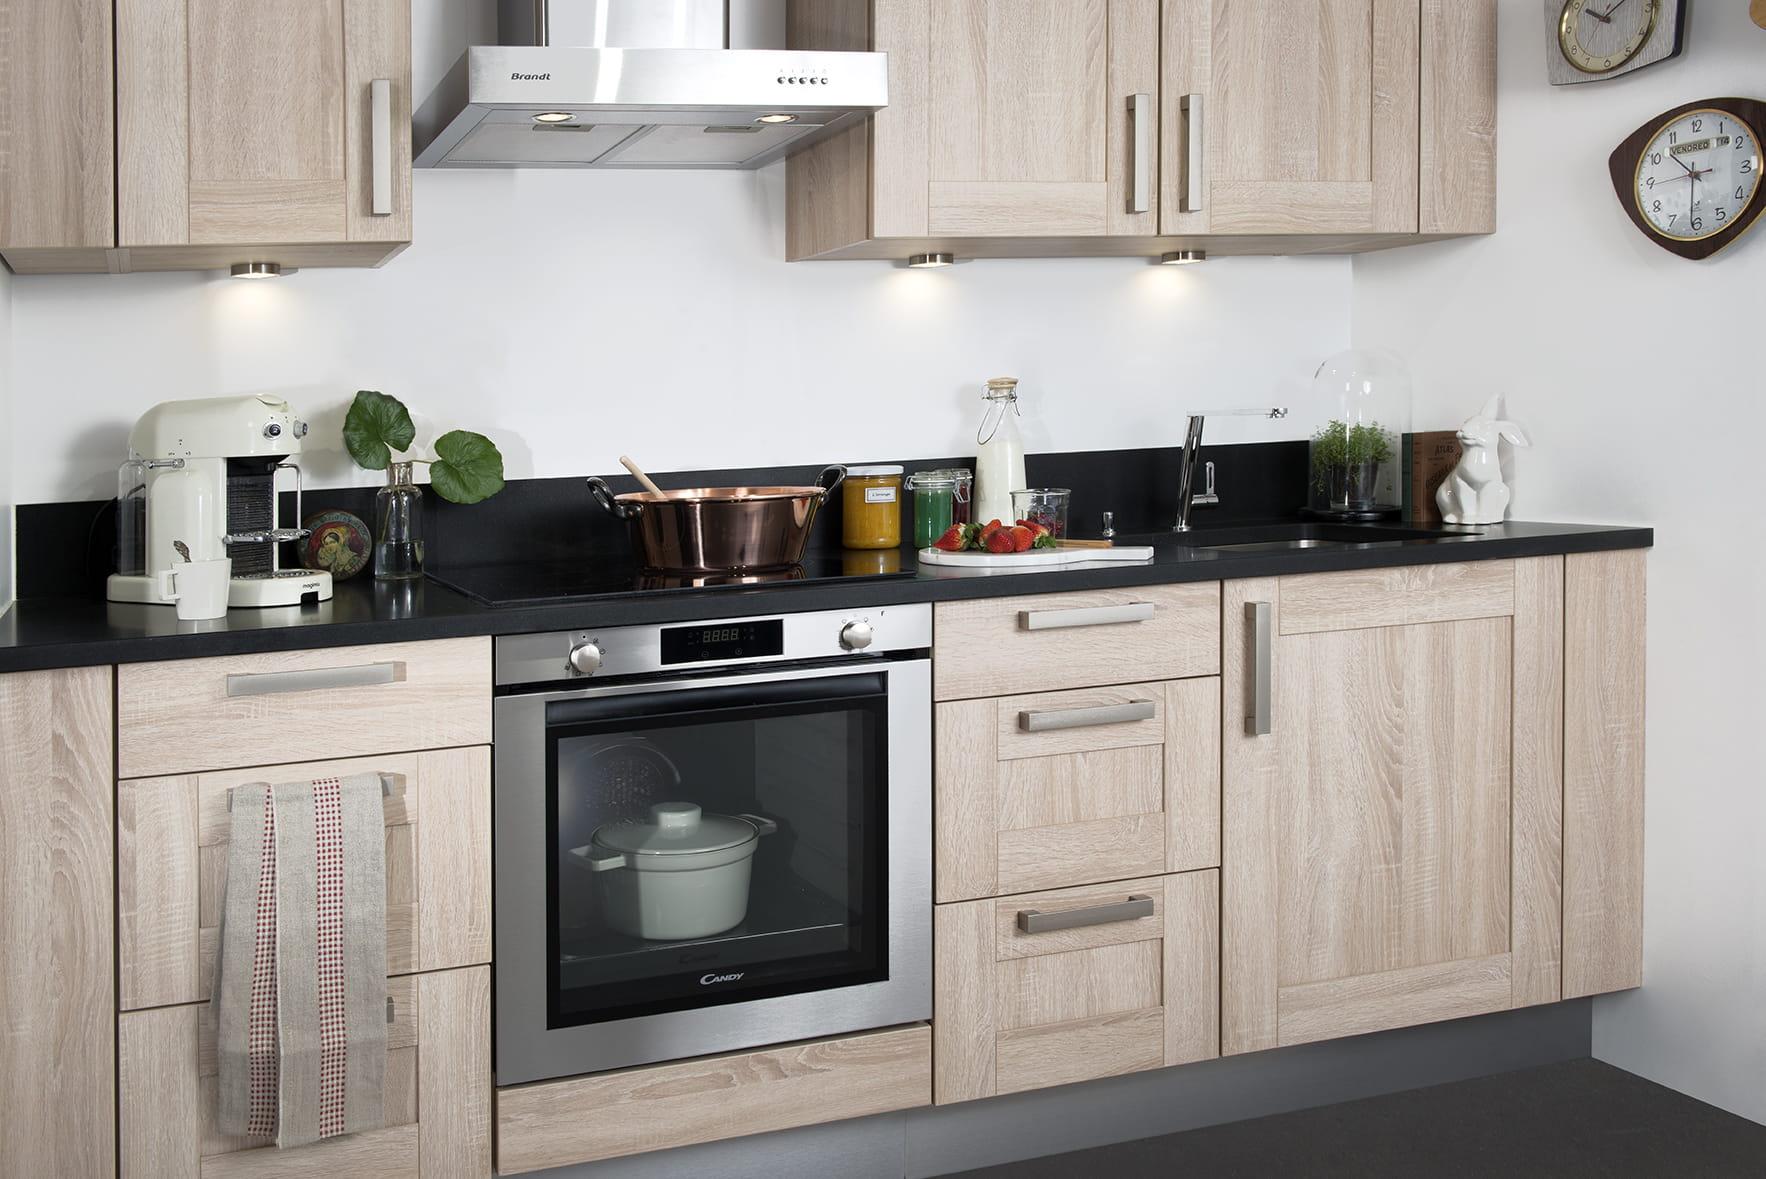 cr dence cuisine florentine de darty. Black Bedroom Furniture Sets. Home Design Ideas